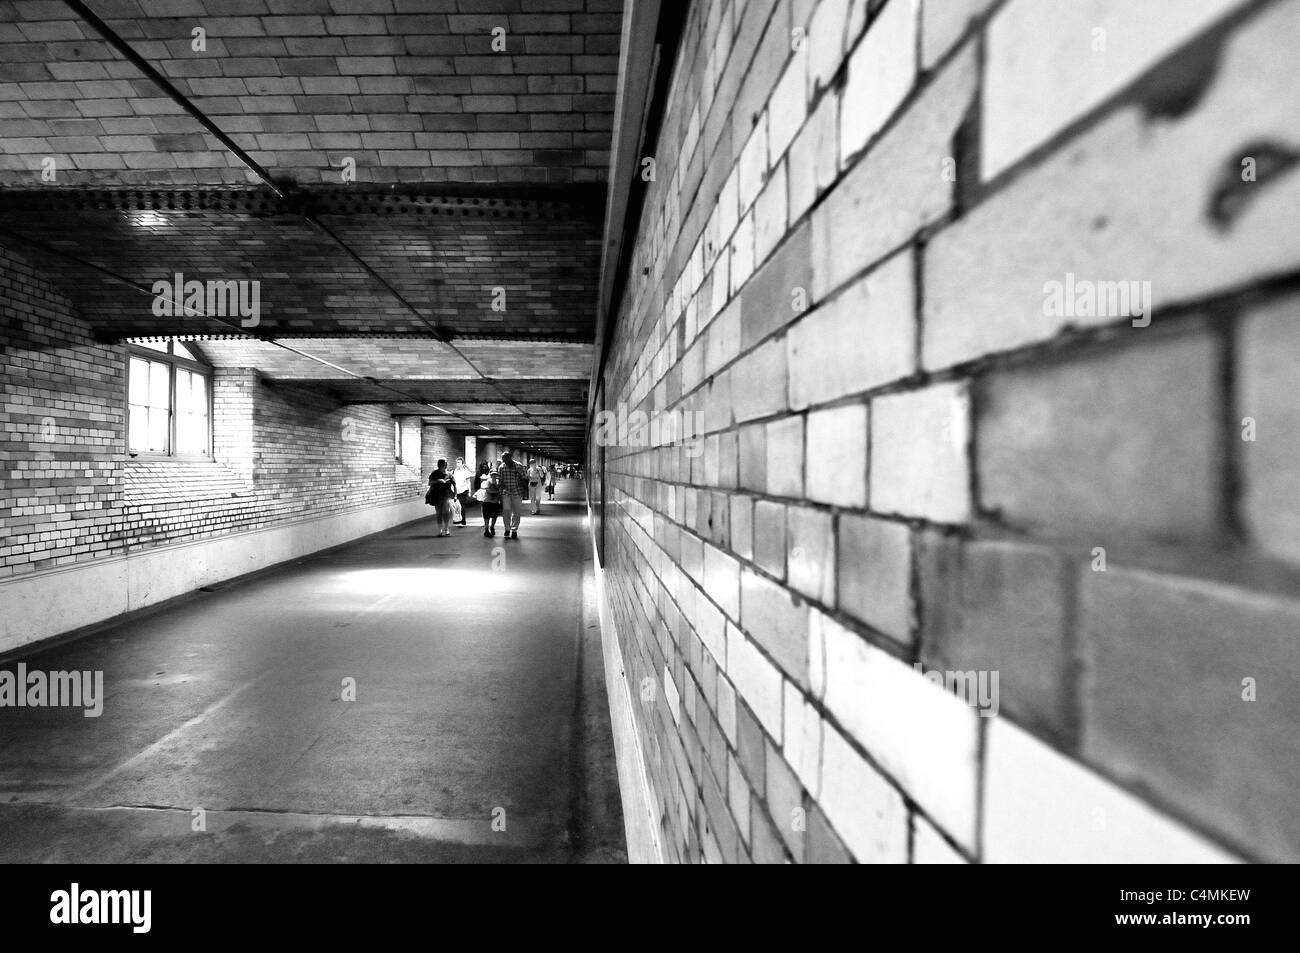 Menschen Fuß durch die Unterführung an der South Kensington station Stockbild